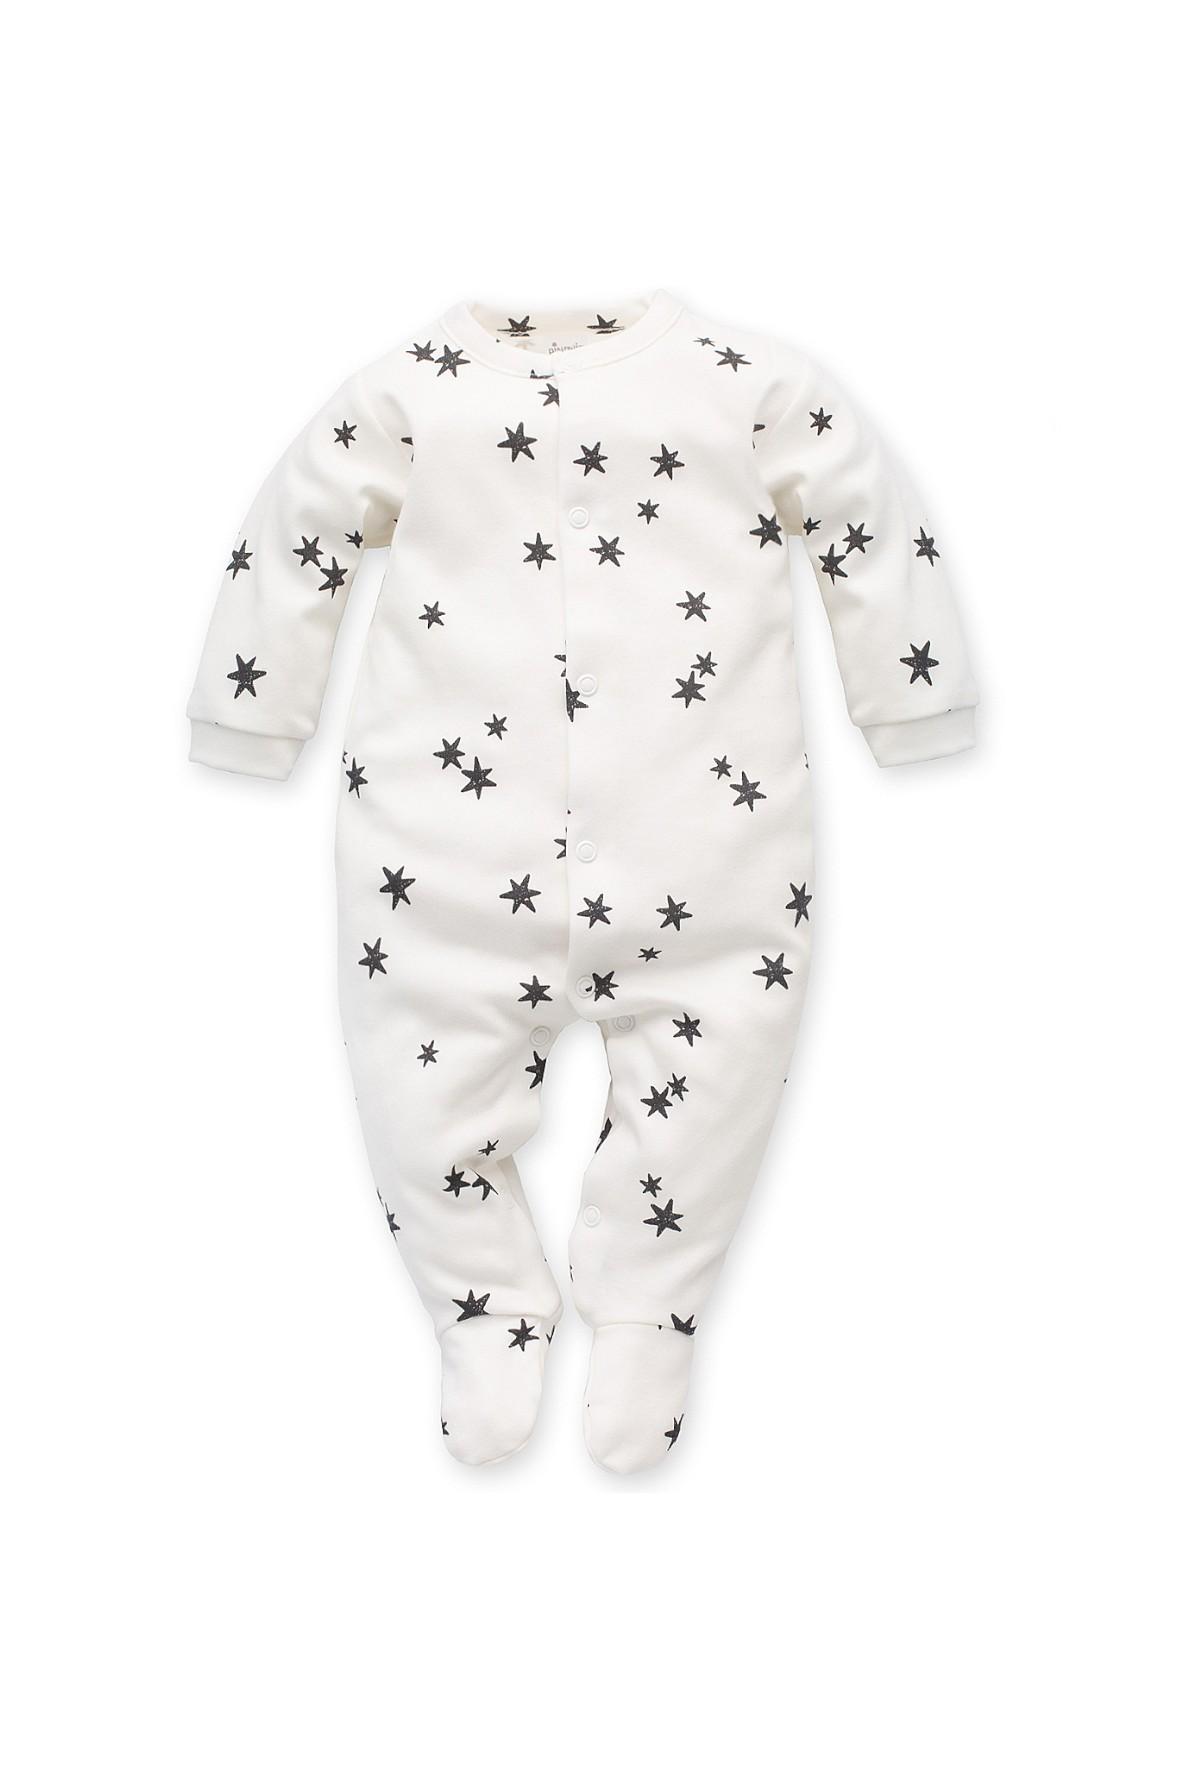 Pajac niemowlęcy bawełniany- ecru w gwiazdki